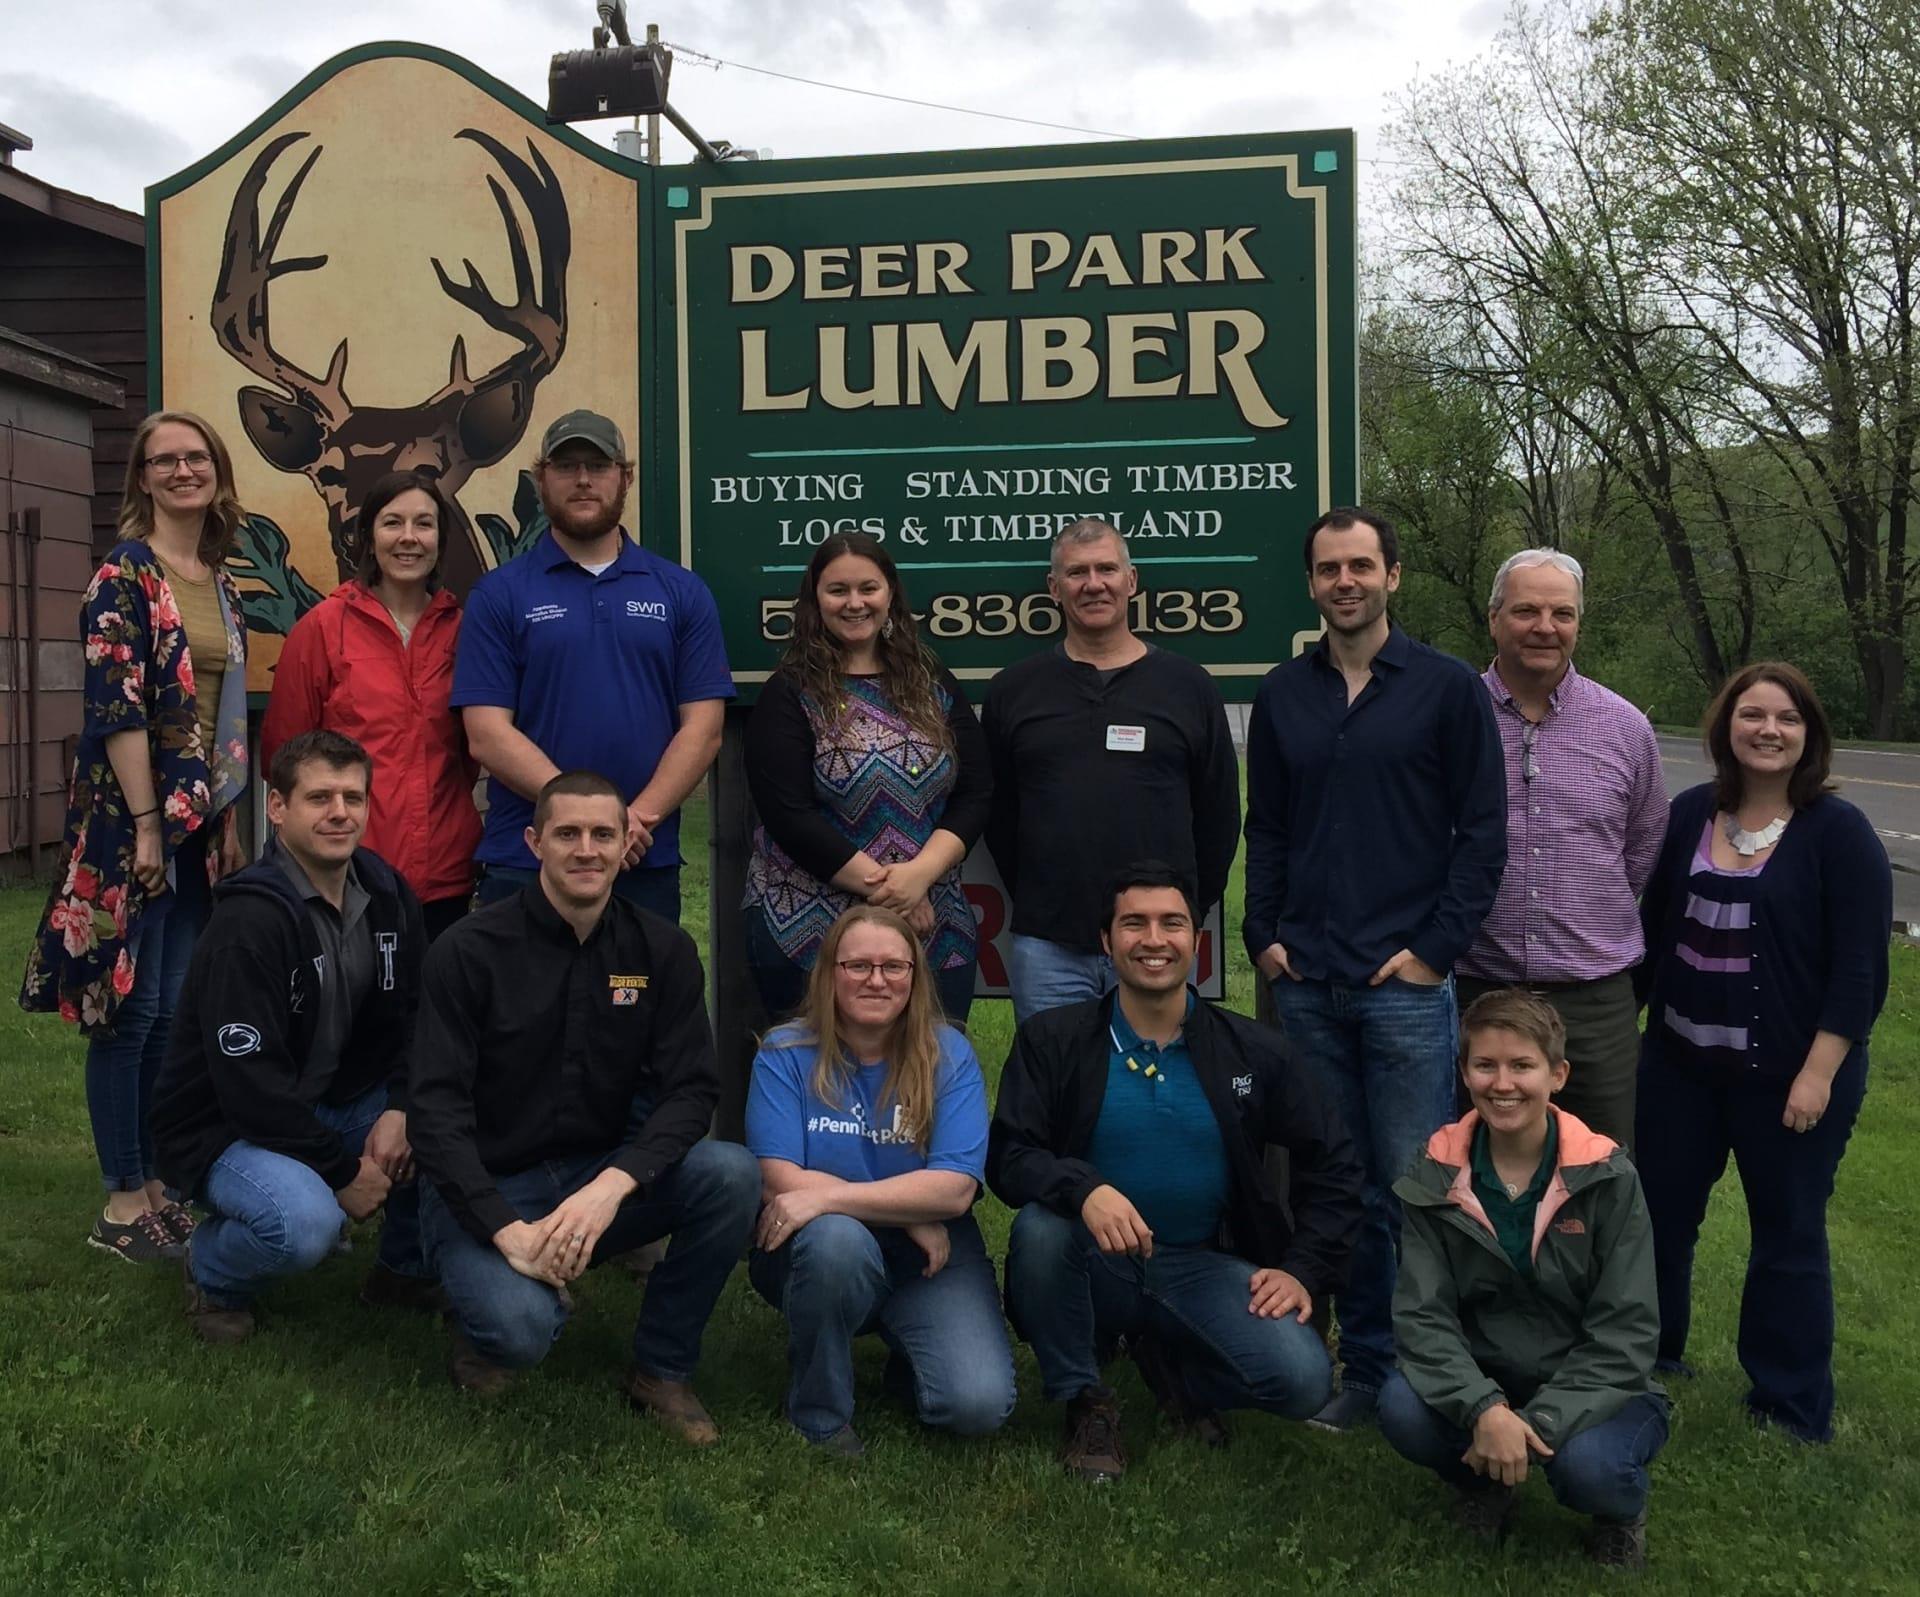 Deer-Park-Lumber-w1920.jpg